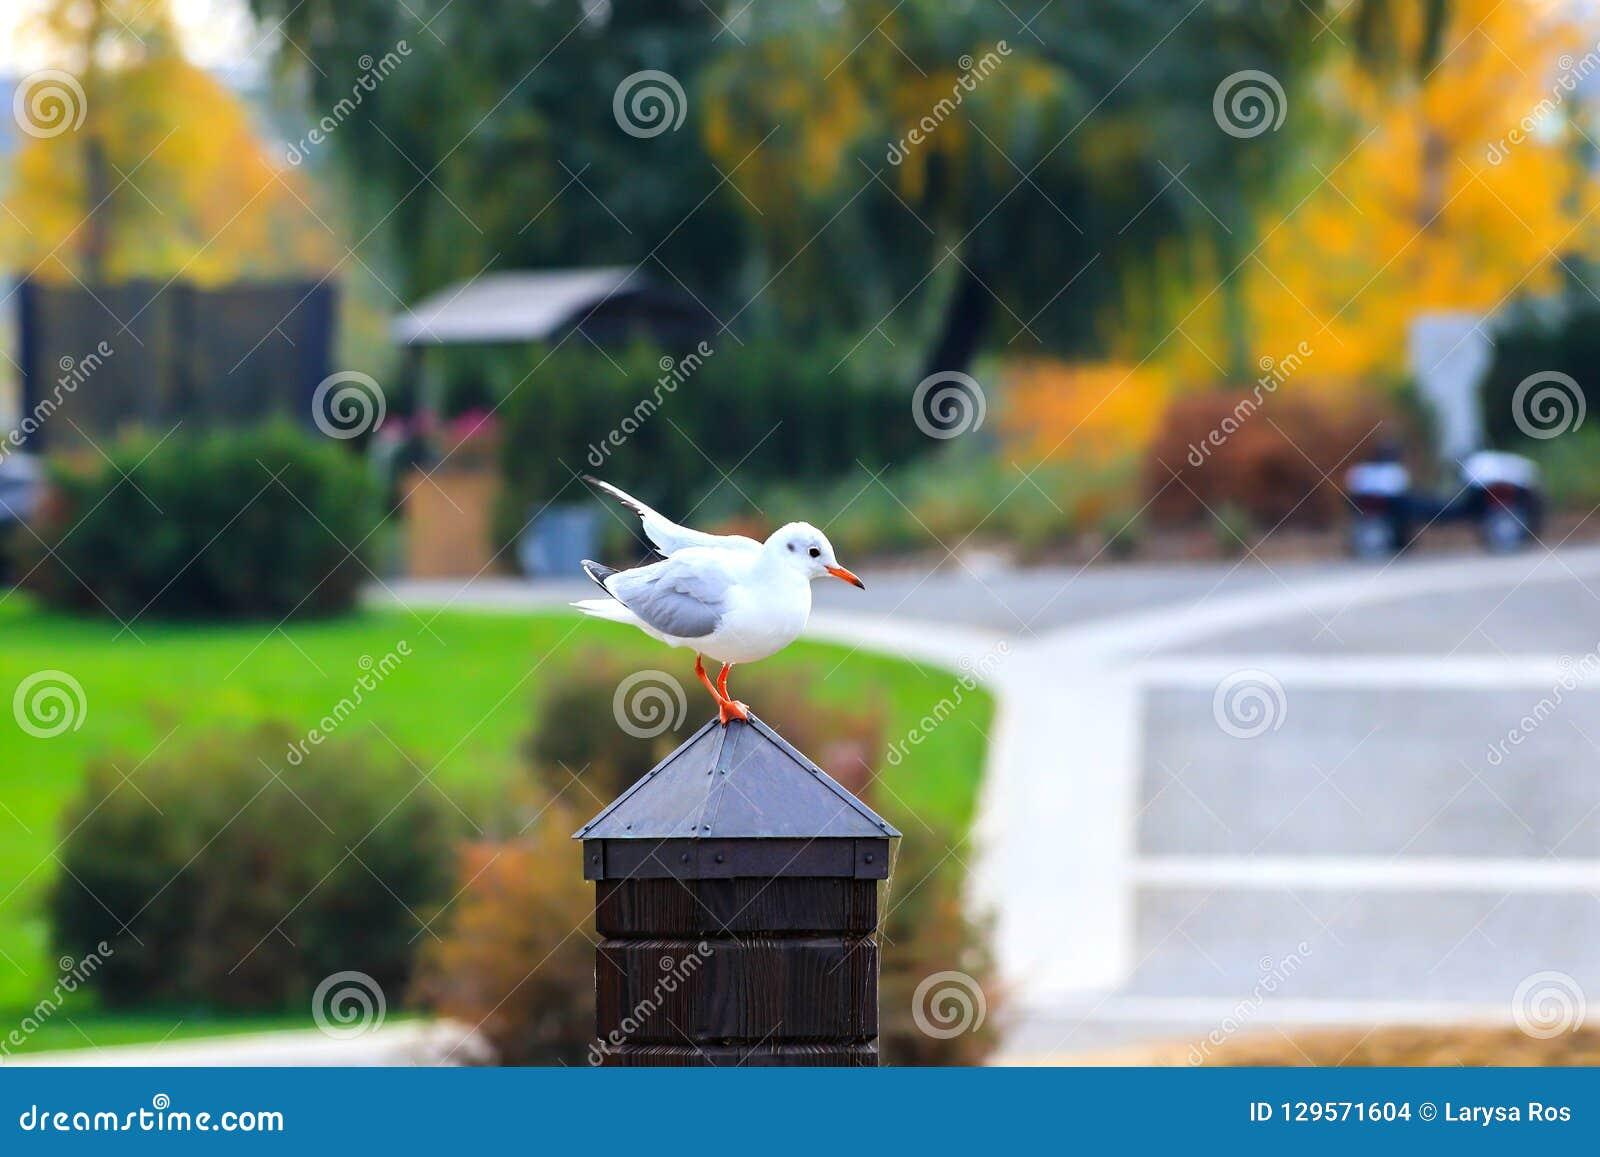 Uma gaivota branca do grande rio senta-se em um cargo de madeira na perspectiva de um parque do outono com árvores amarelas